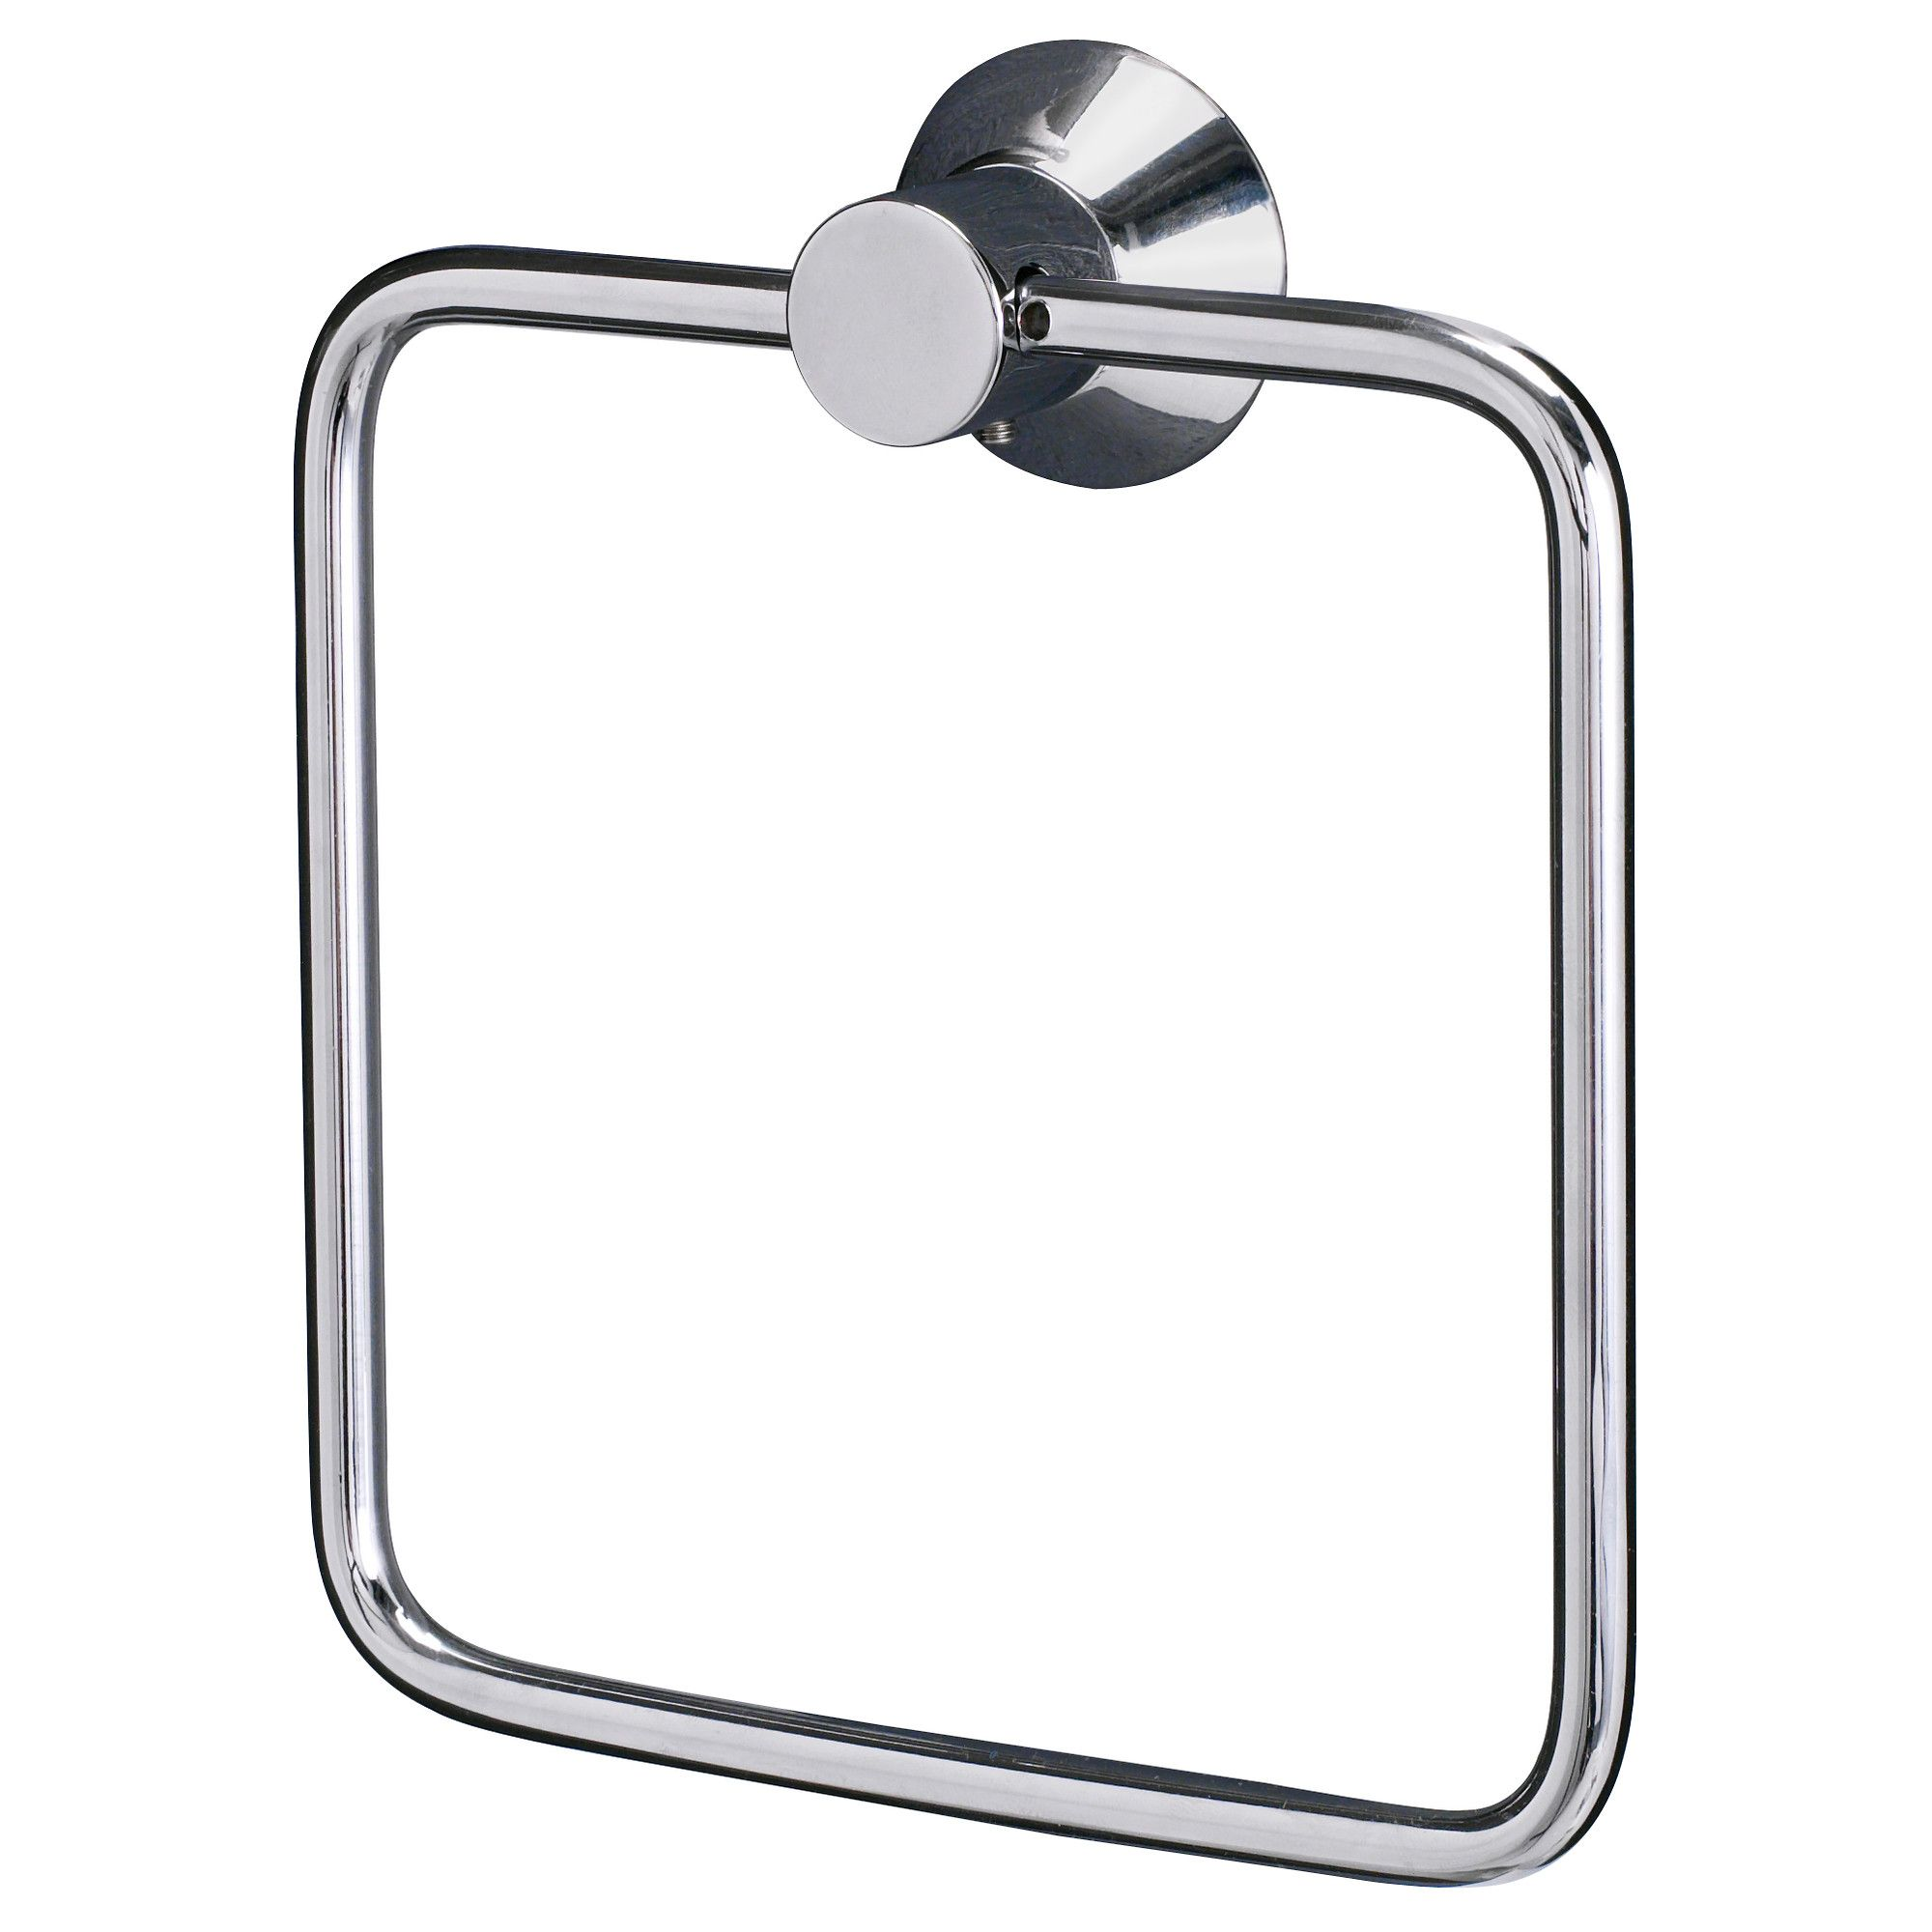 S Vern Toallero Ikea Accesorios De Ba O Accessoires Pour  # Mueble Toallero Ikea